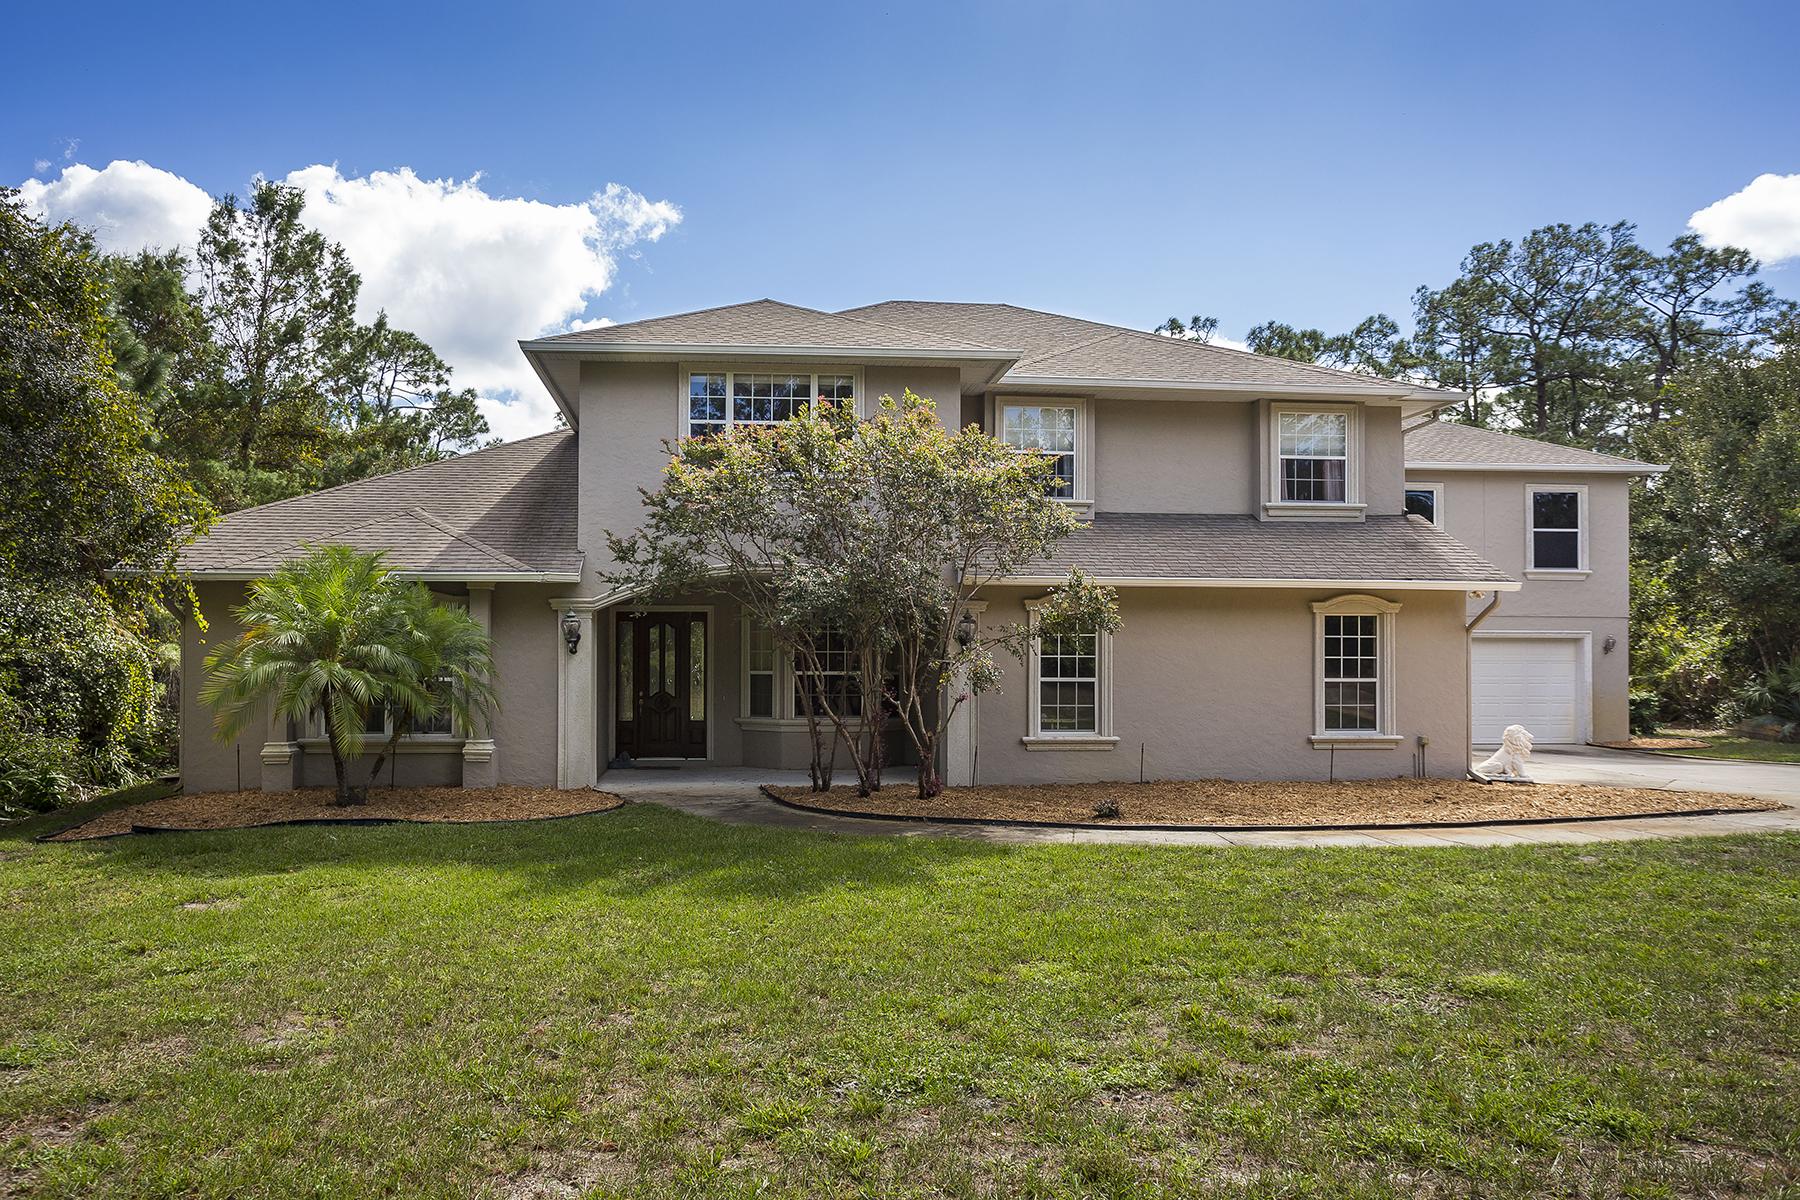 Casa para uma família para Venda às ORLANDO - GENEVA 1136 Apache Dr Geneva, Florida, 32732 Estados Unidos